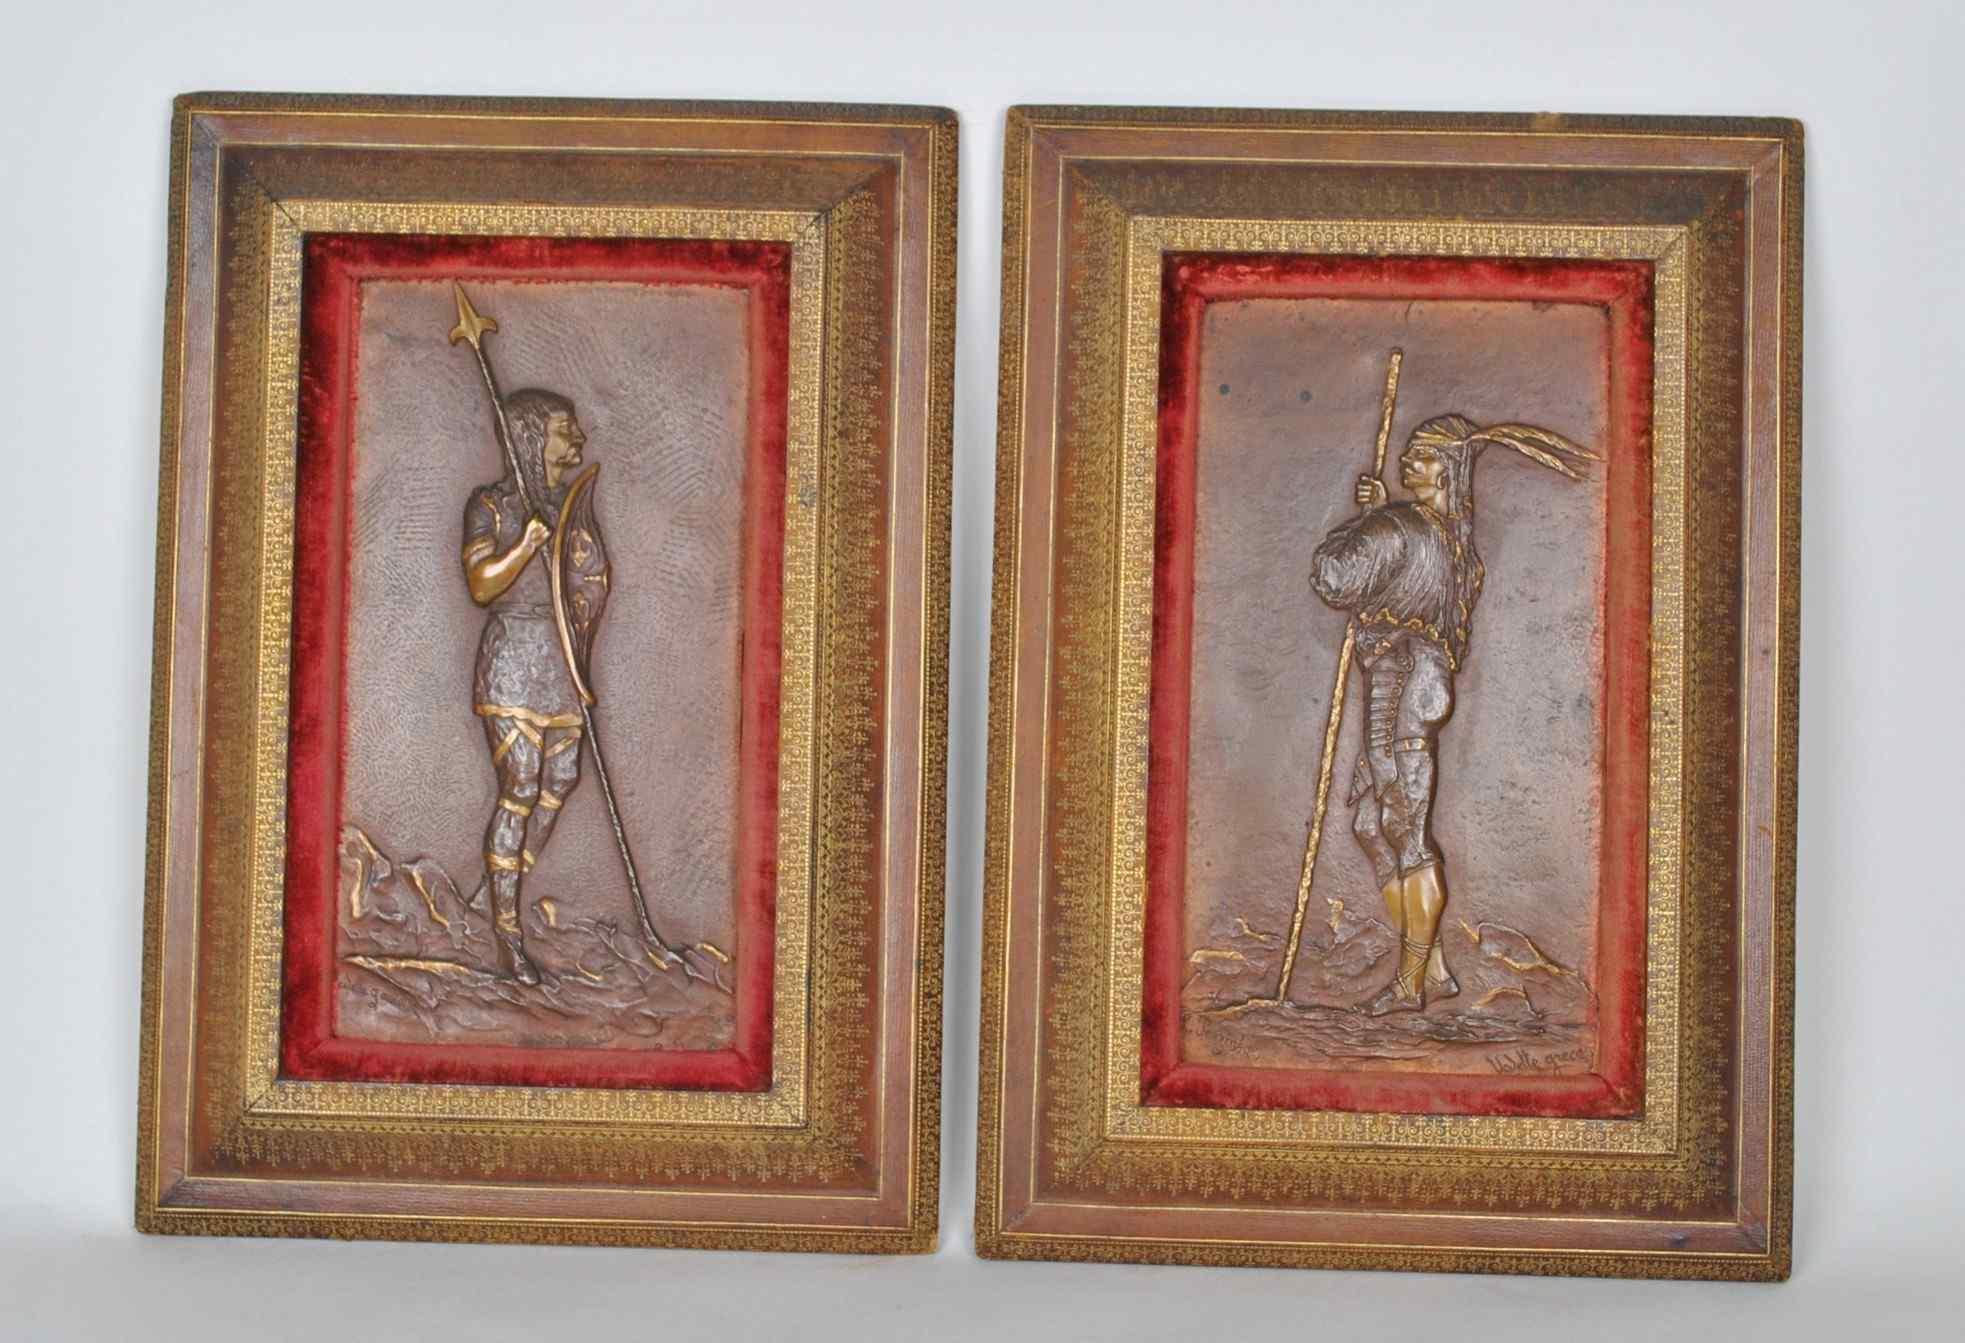 L Perzinka, Star greca e Rebelle Gaulois, bronzo XIX